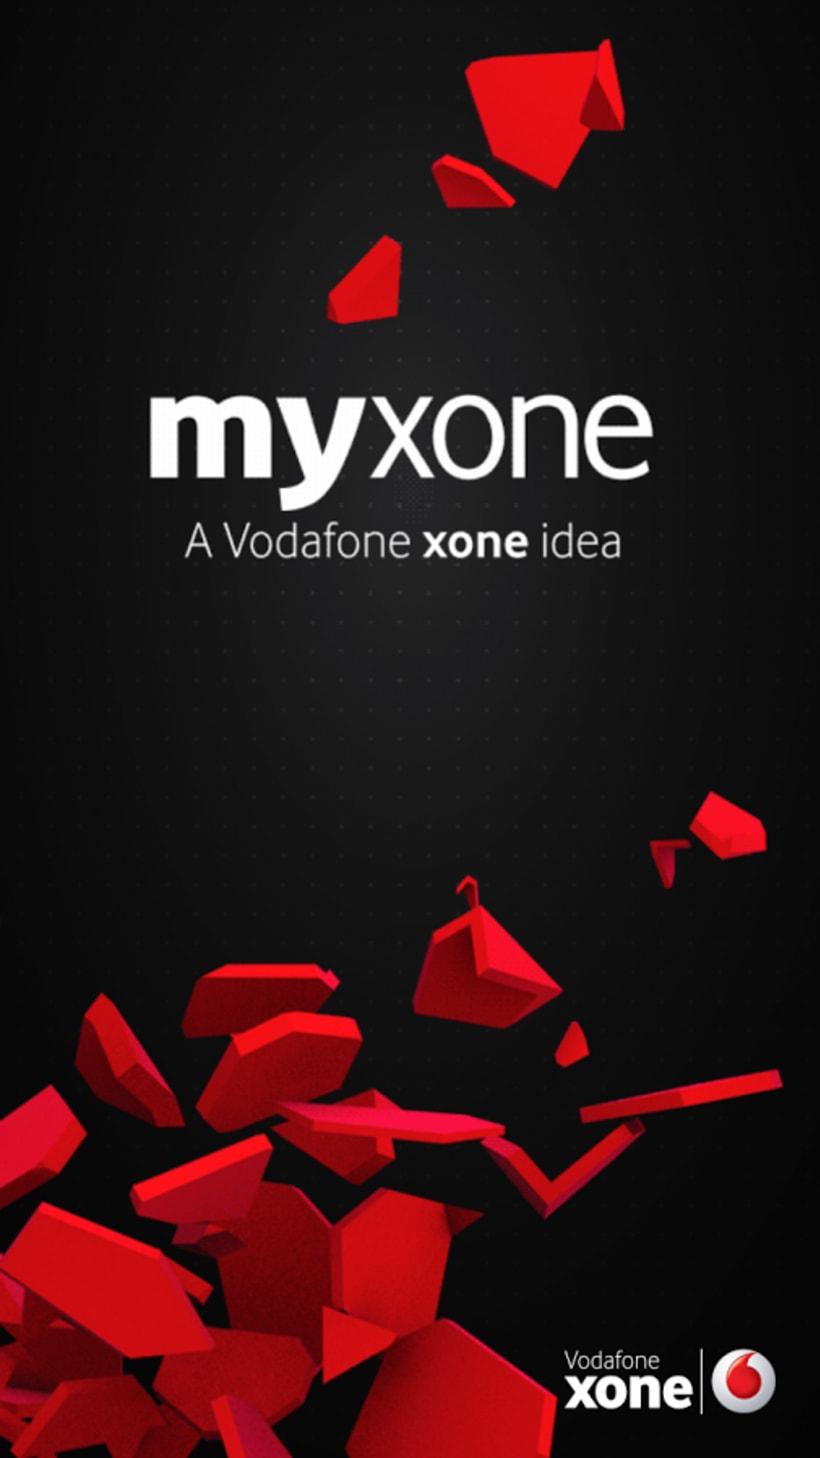 Vodafone myxone -1